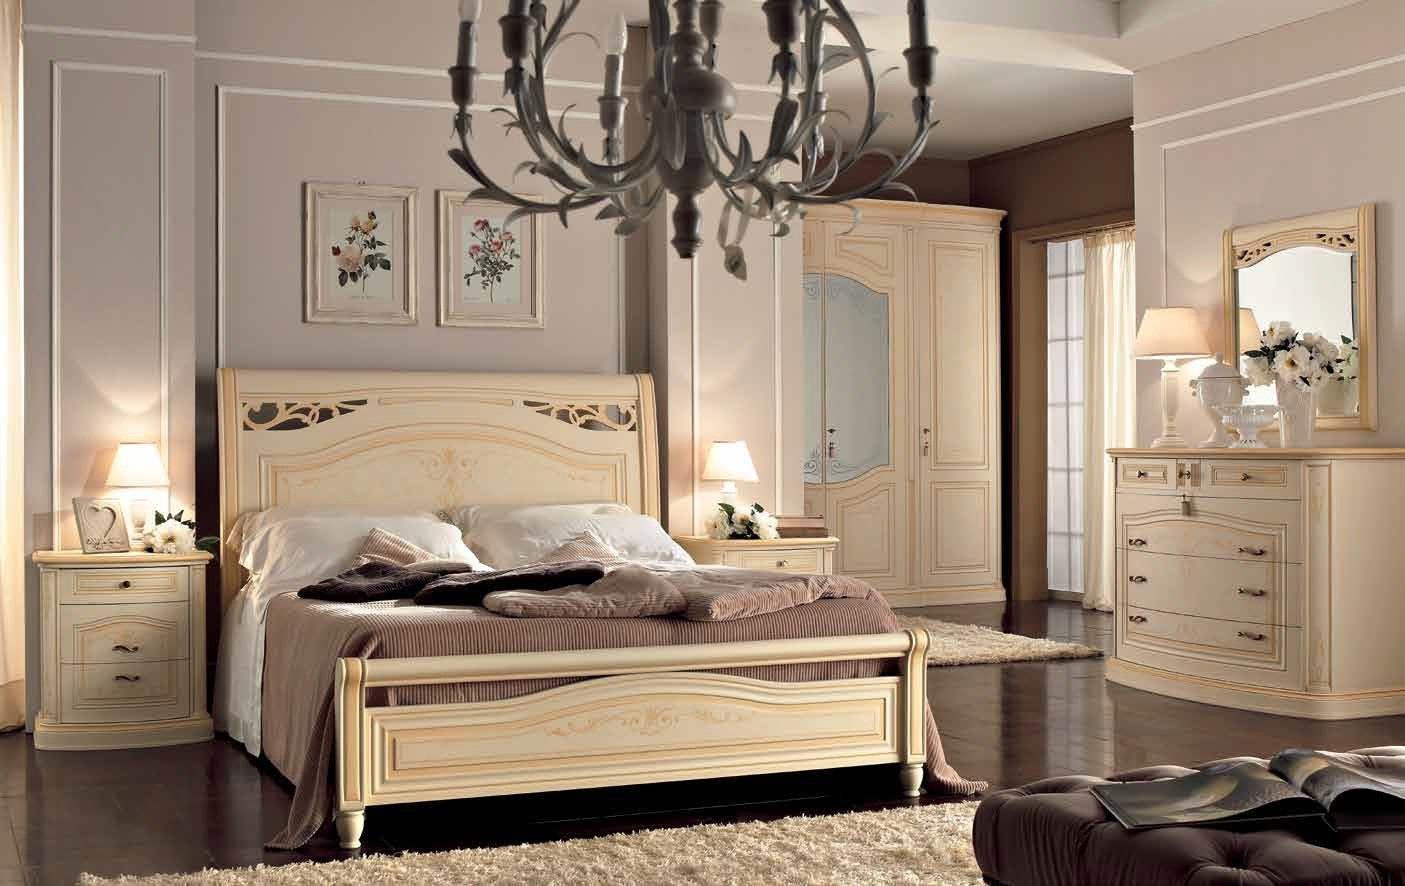 Diamante комплект мебели для спальни 96825